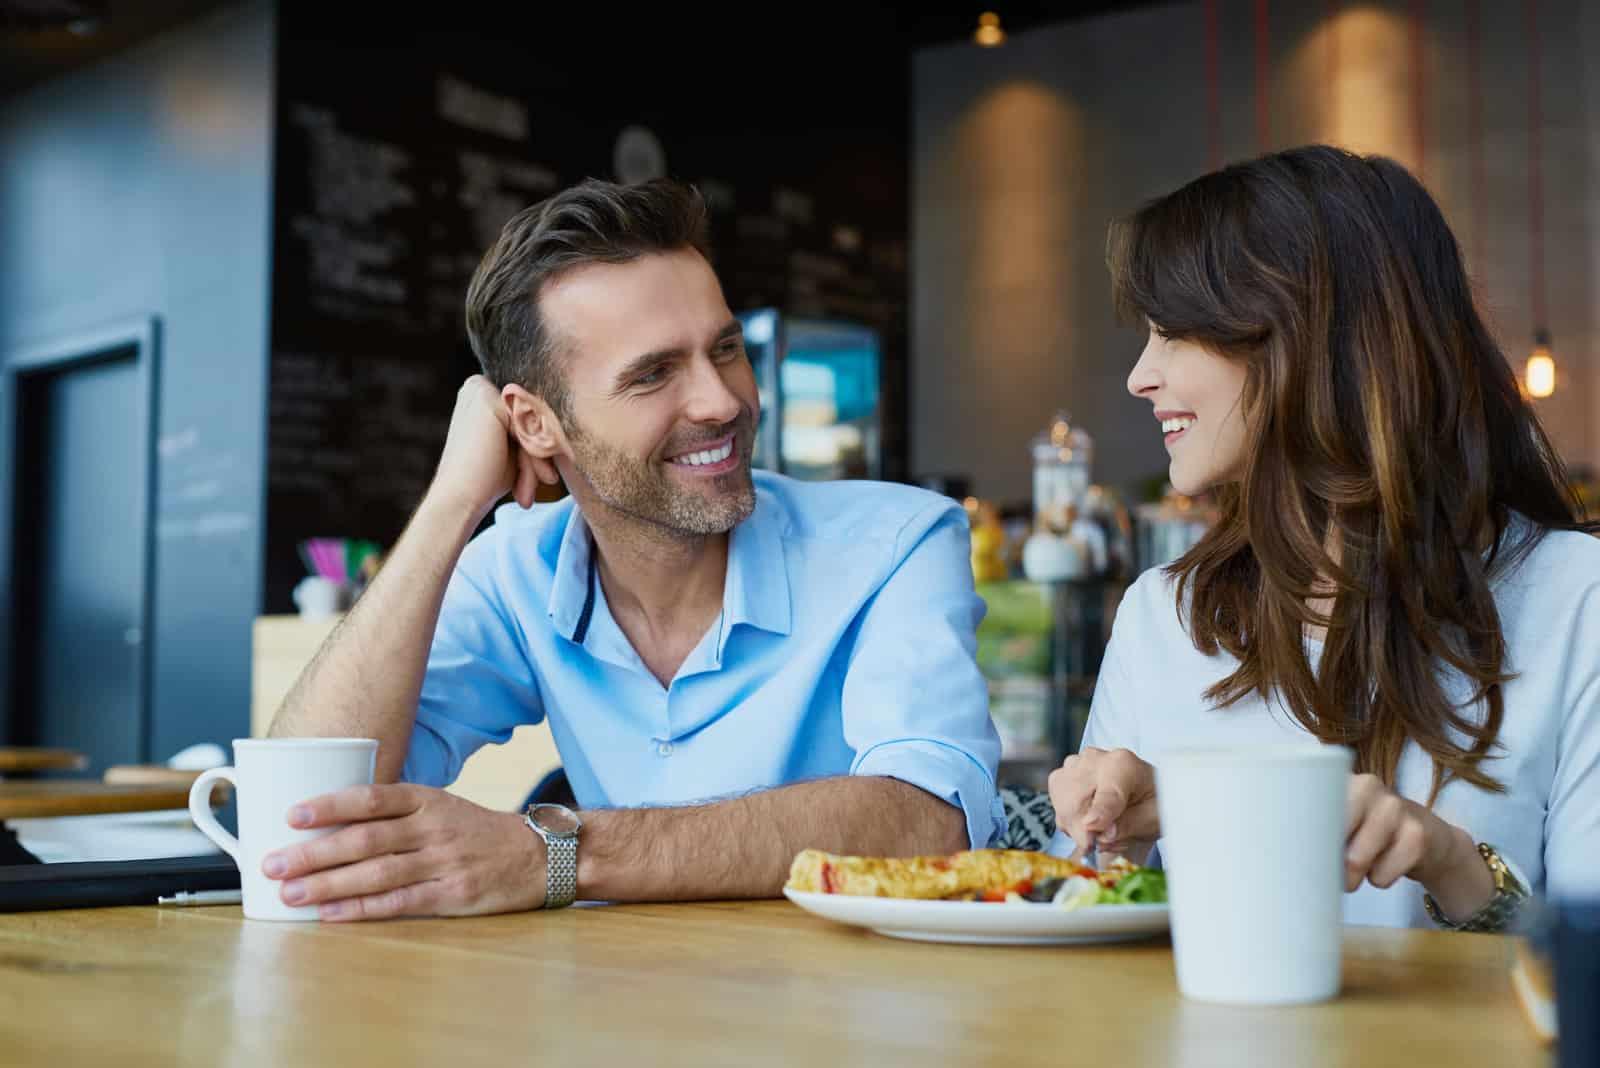 un homme et une femme mangent et parlent